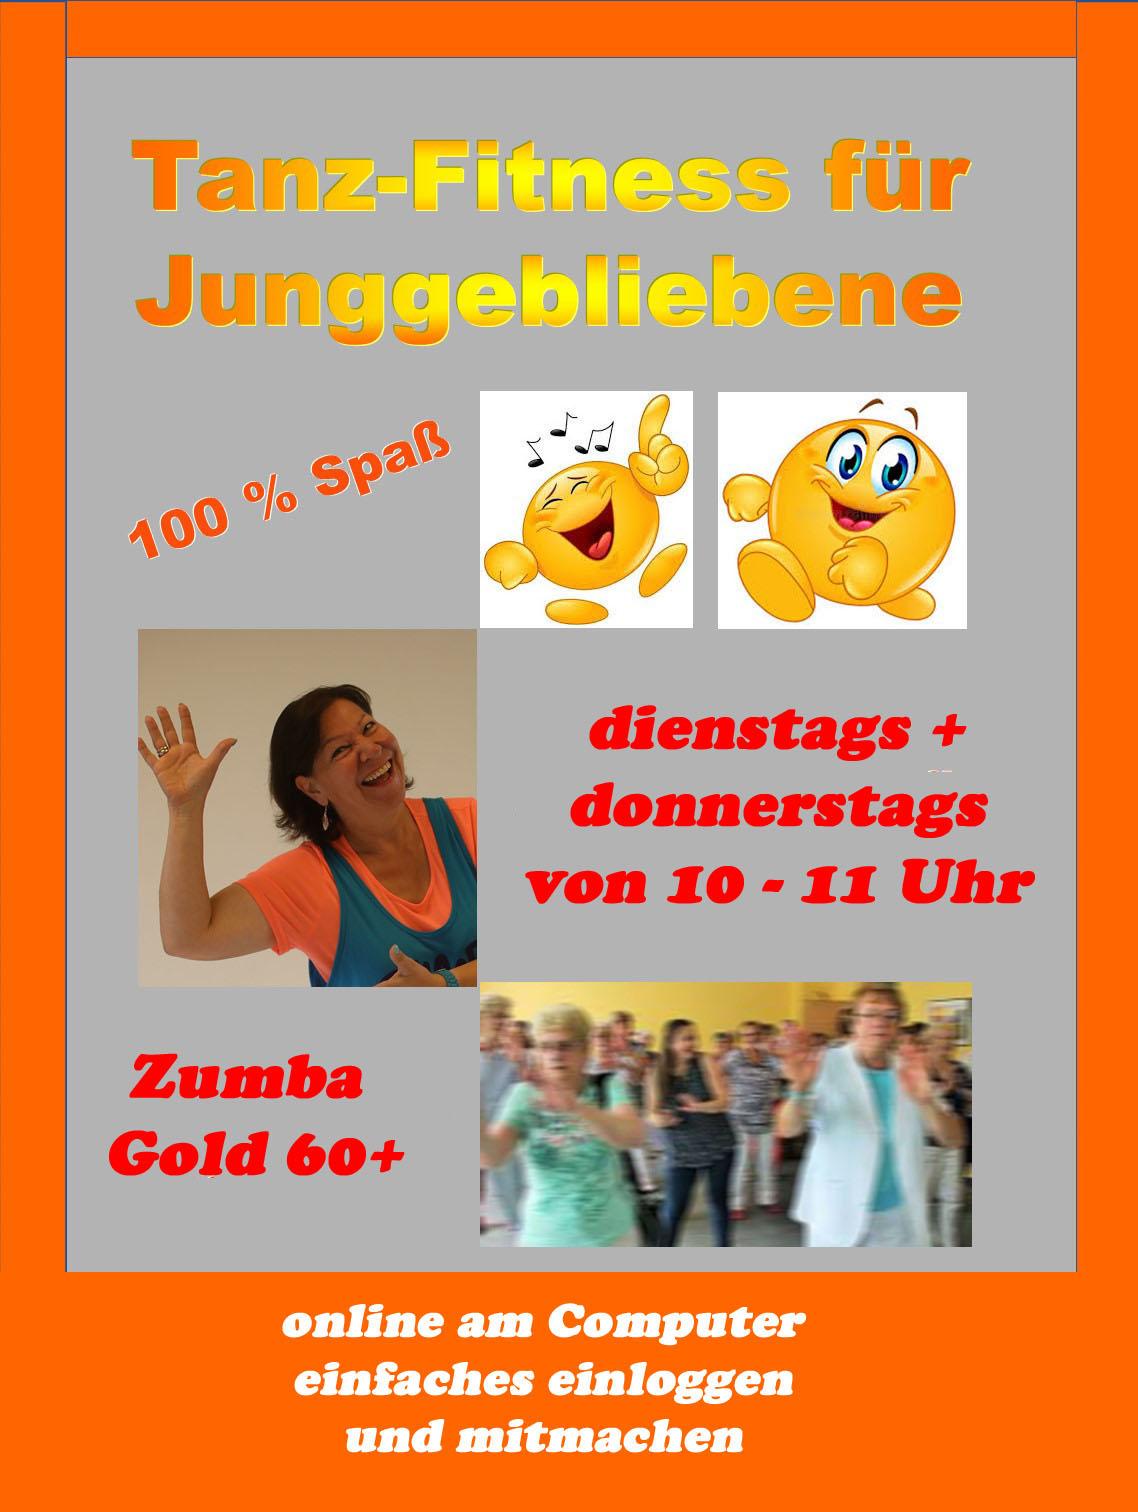 Zumba Gold 60+ 1